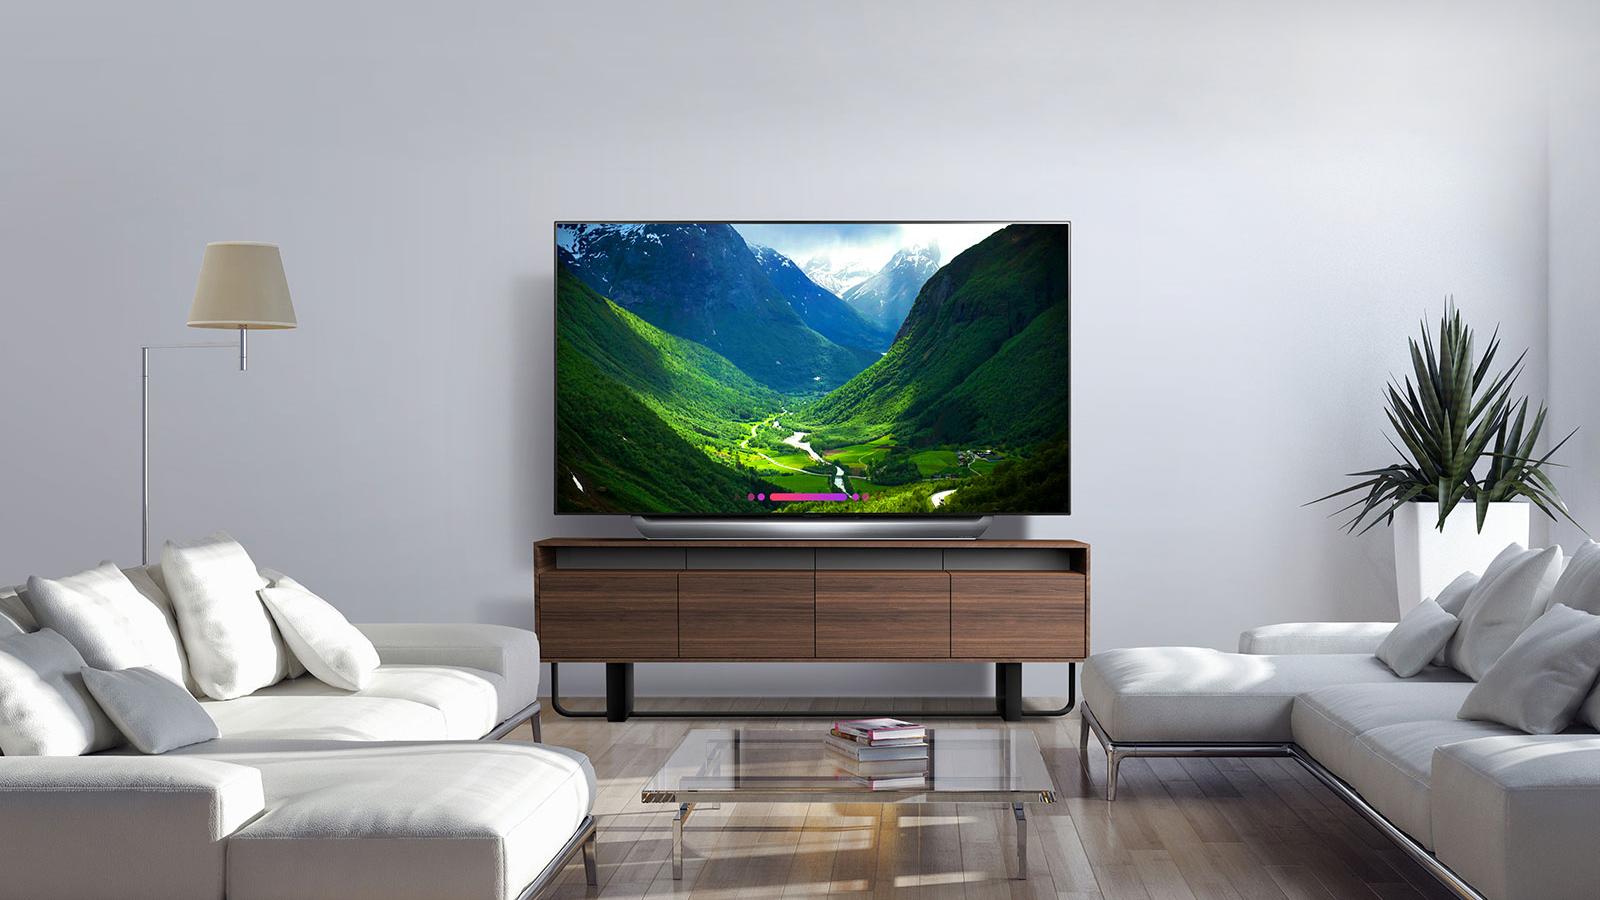 Best 55-inch 4K TVs